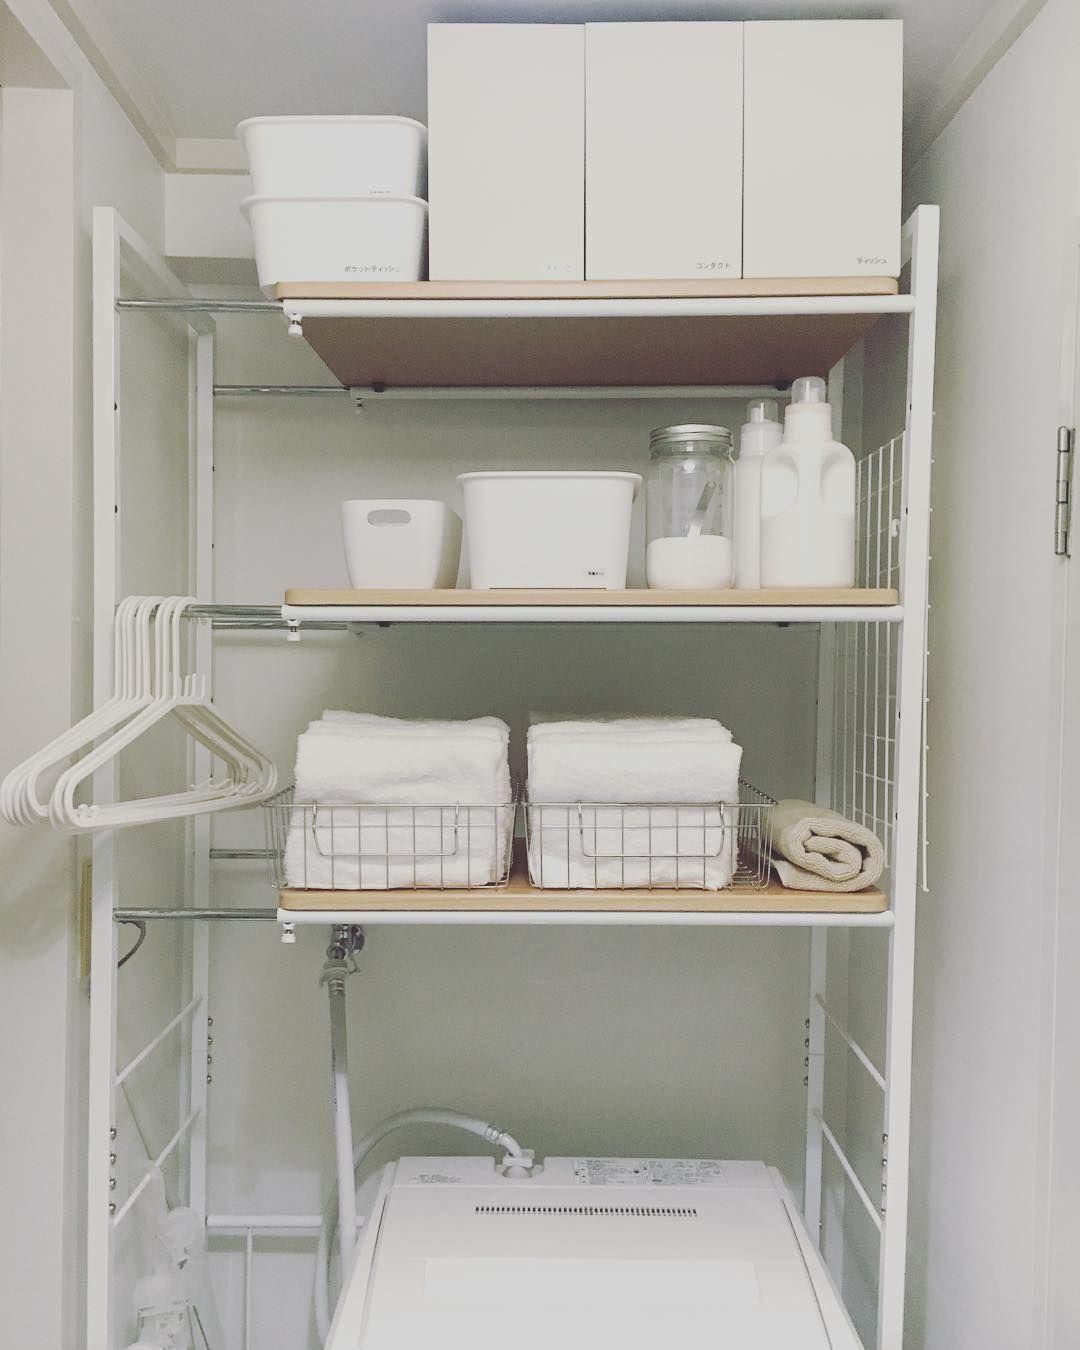 洗濯機の周りは洗剤や洗濯ものなどがあふれ ごちゃごちゃしたスペース